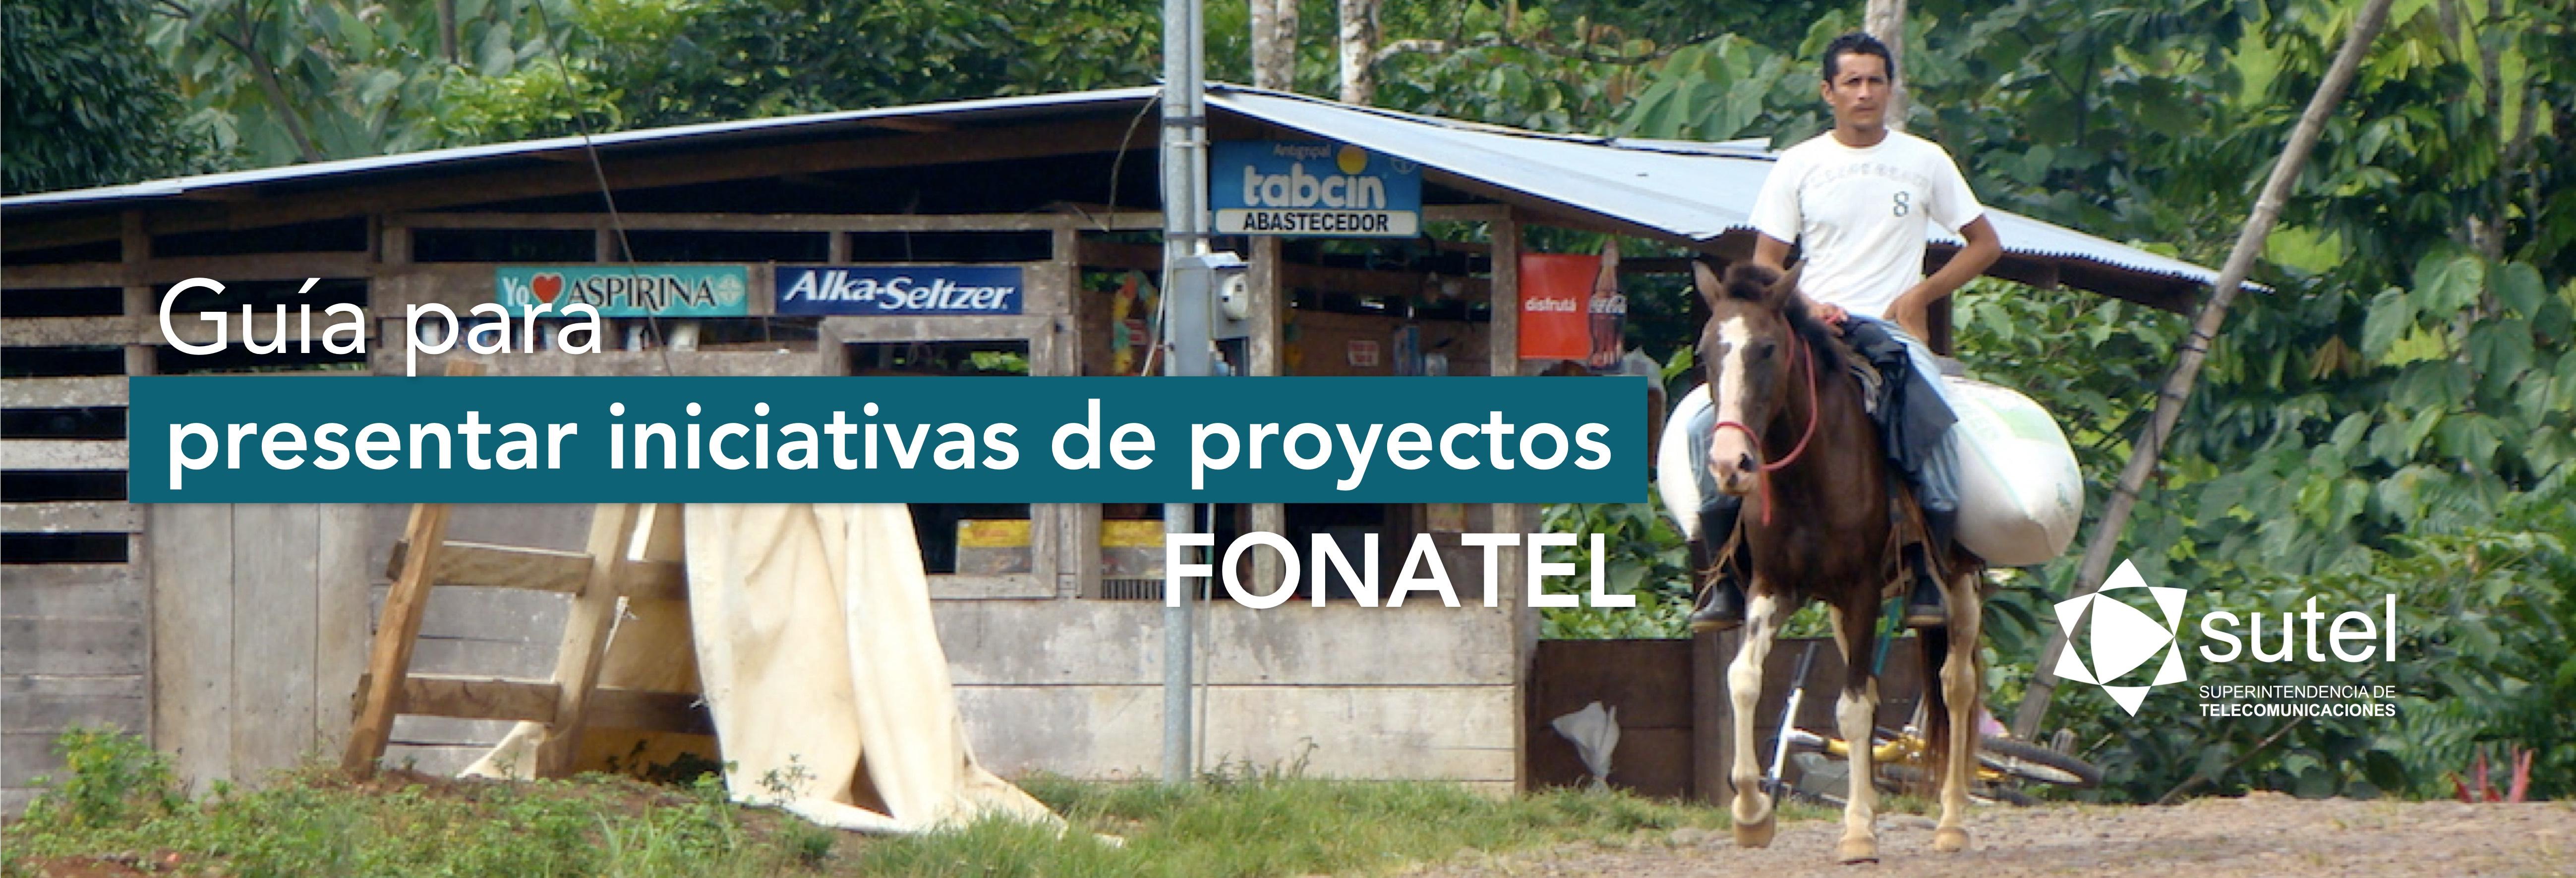 Banner guía para presentar iniciativas a FONATEL